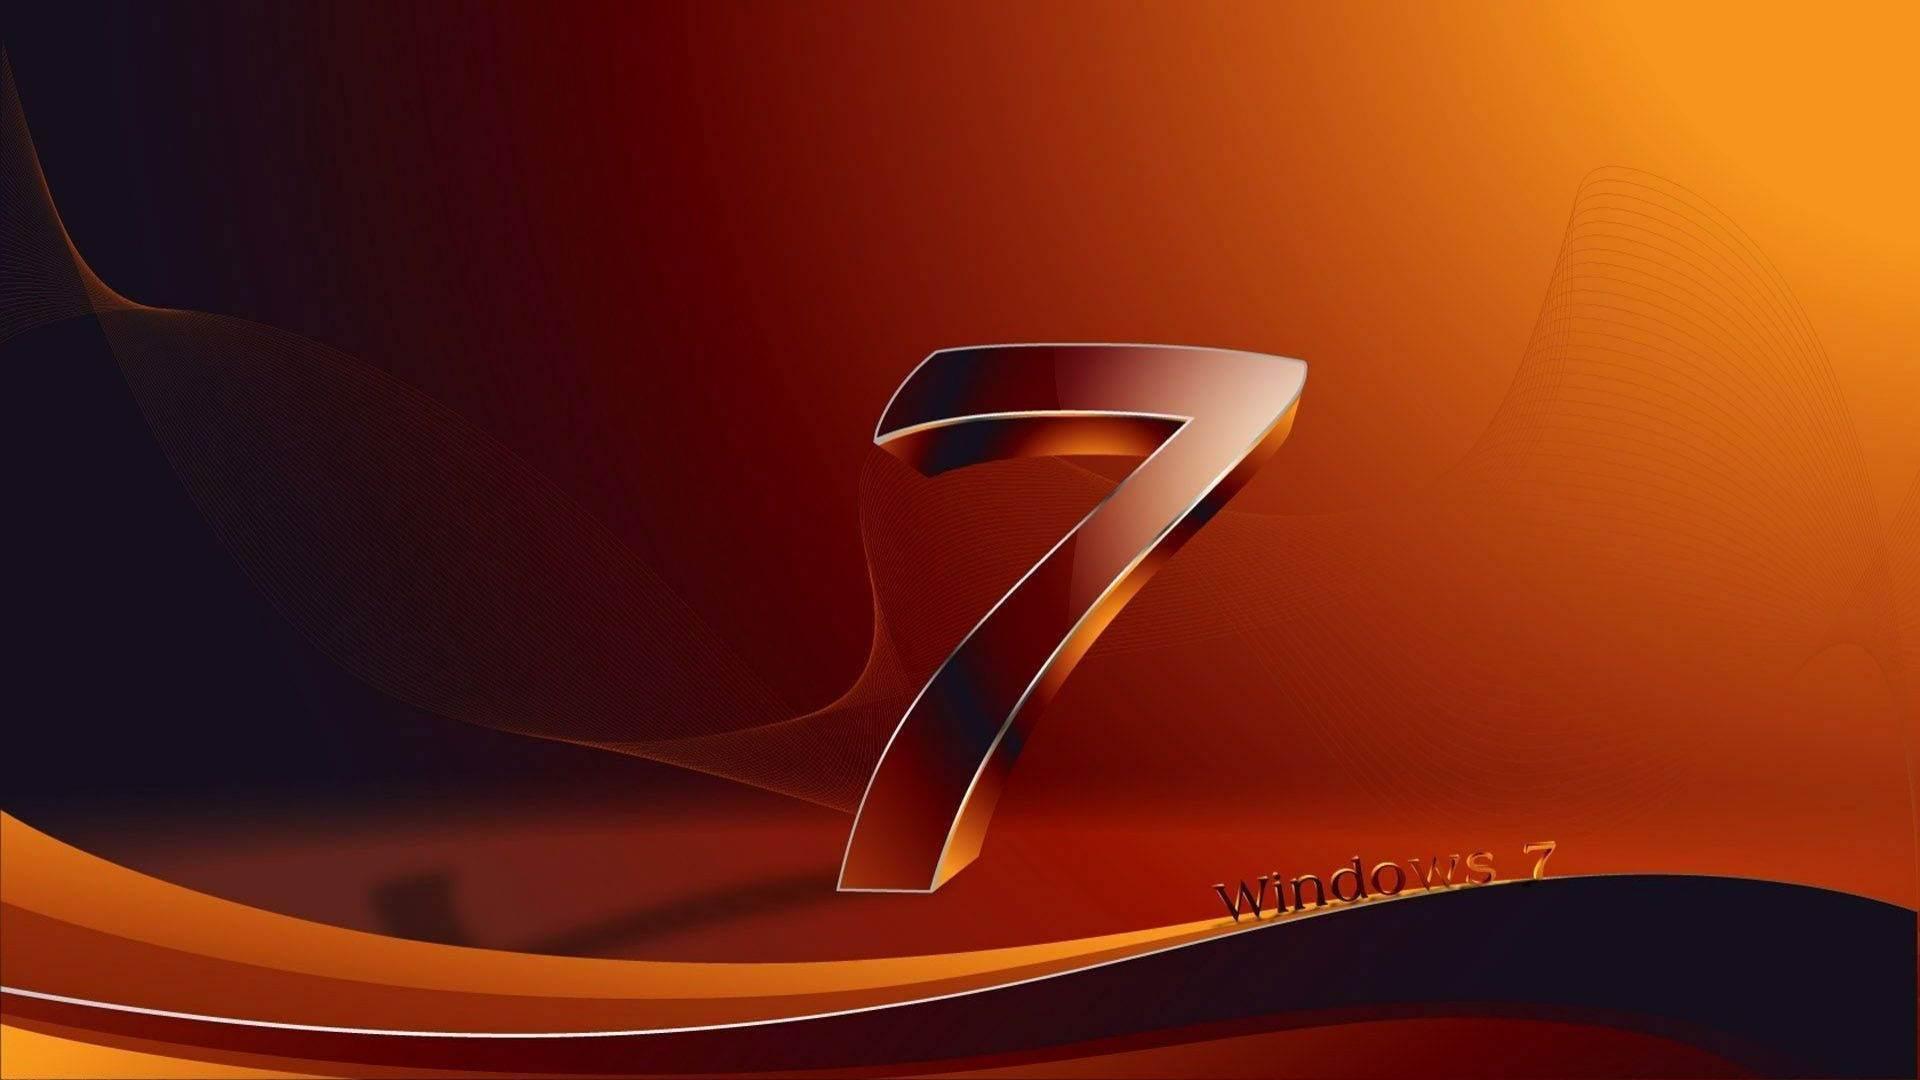 Essence 1 750mm wide shaving cabinet cibo design - Windows 7 Hd Wallpaper 15